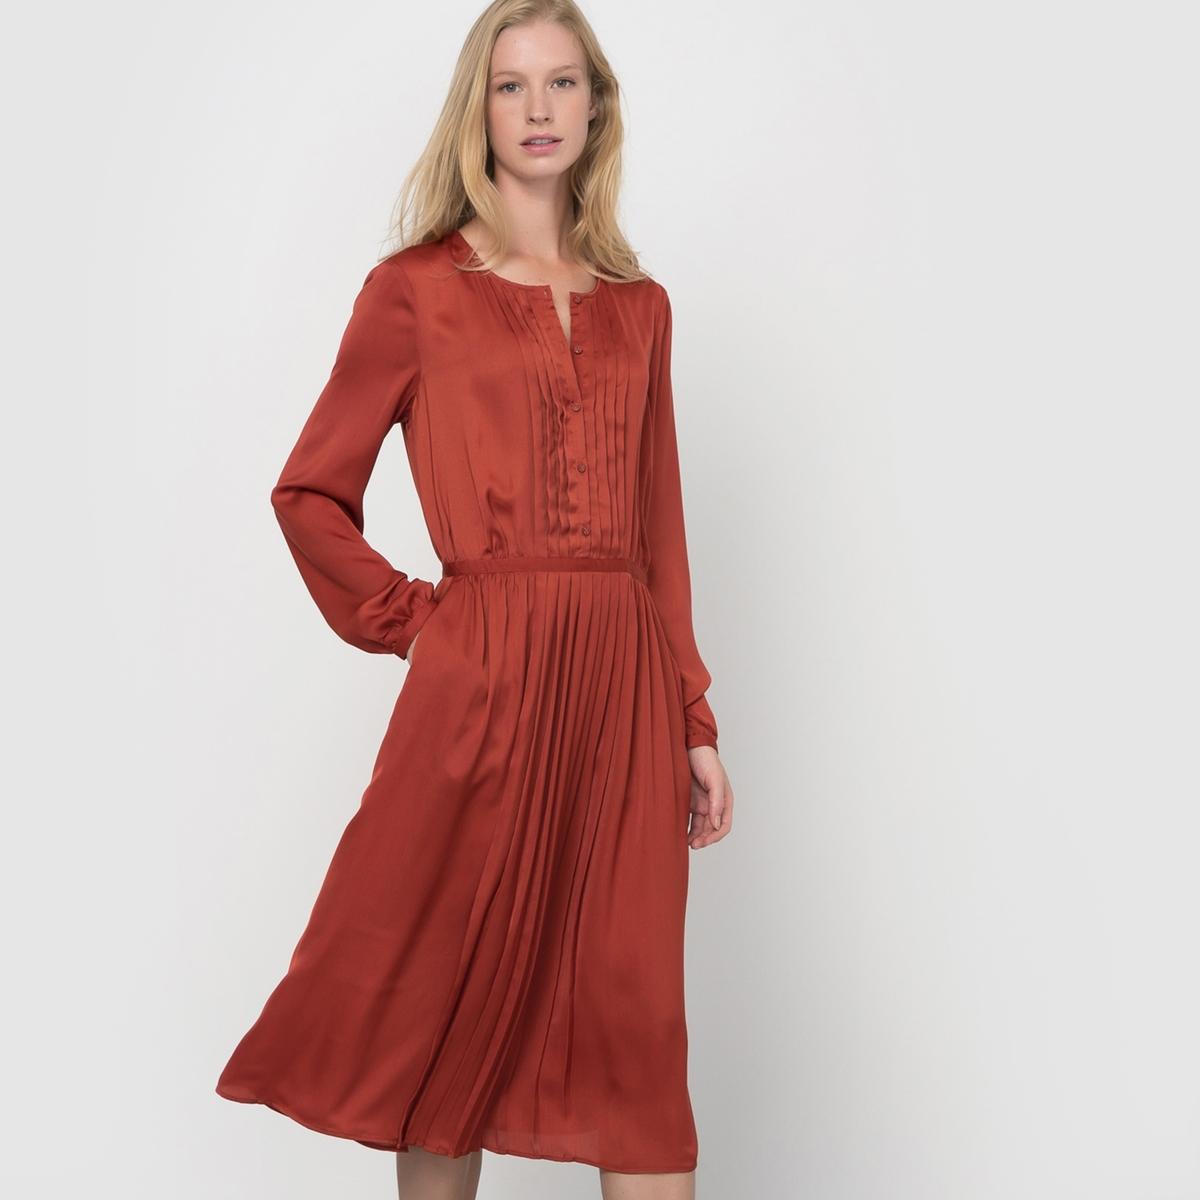 Платье плиссированное с длинными рукавамиСостав и описание :Длина : 110 смМатериал : 100% полиэстерМарка : Atelier R.Уход :Машинная стирка при 30 °С с вещами схожих цветов.Стирать и гладить с изнаночной стороны.<br><br>Цвет: кирпично-красный<br>Размер: 44 (FR) - 50 (RUS)